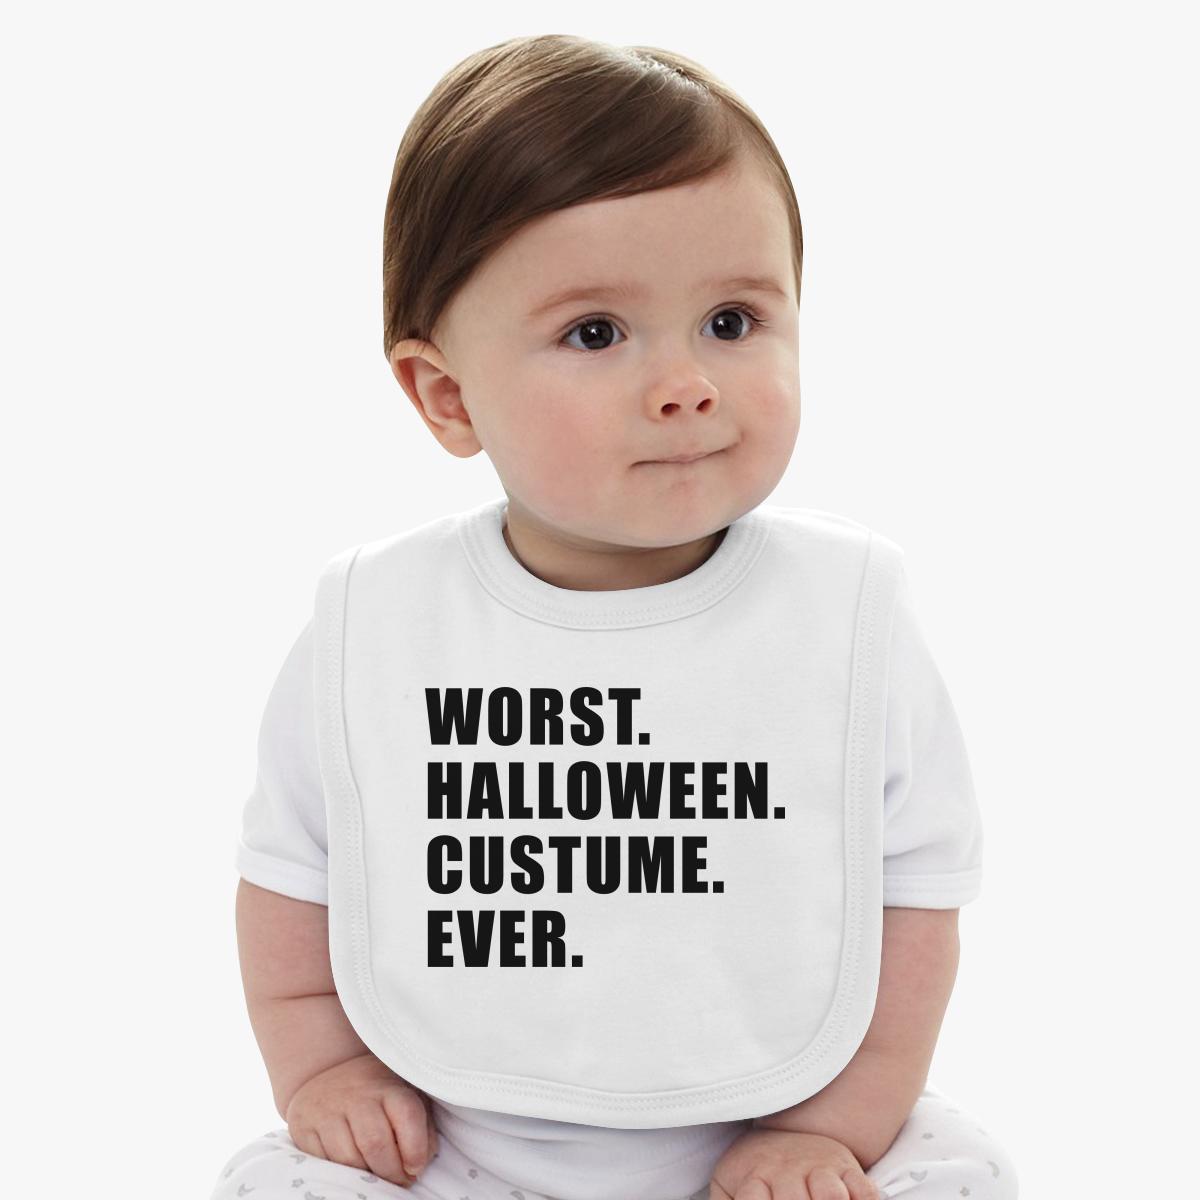 worst halloween costume ever baby bib | kidozi